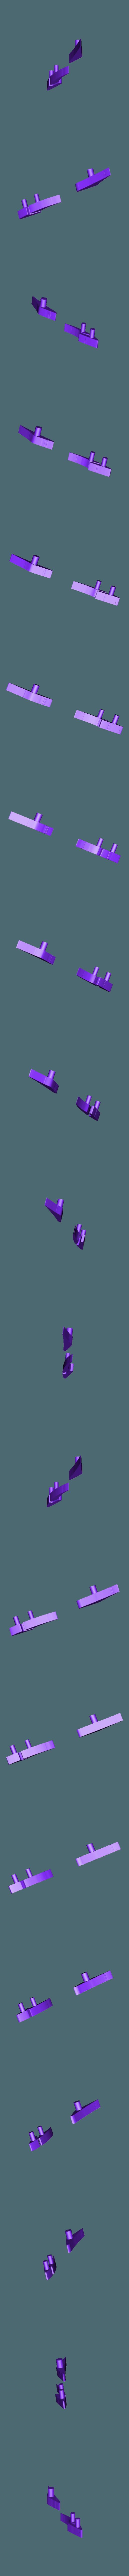 lado derecho.stl Télécharger fichier STL gratuit Détenteur d'un téléphone portable Iron Man • Design pour impression 3D, Aslan3d